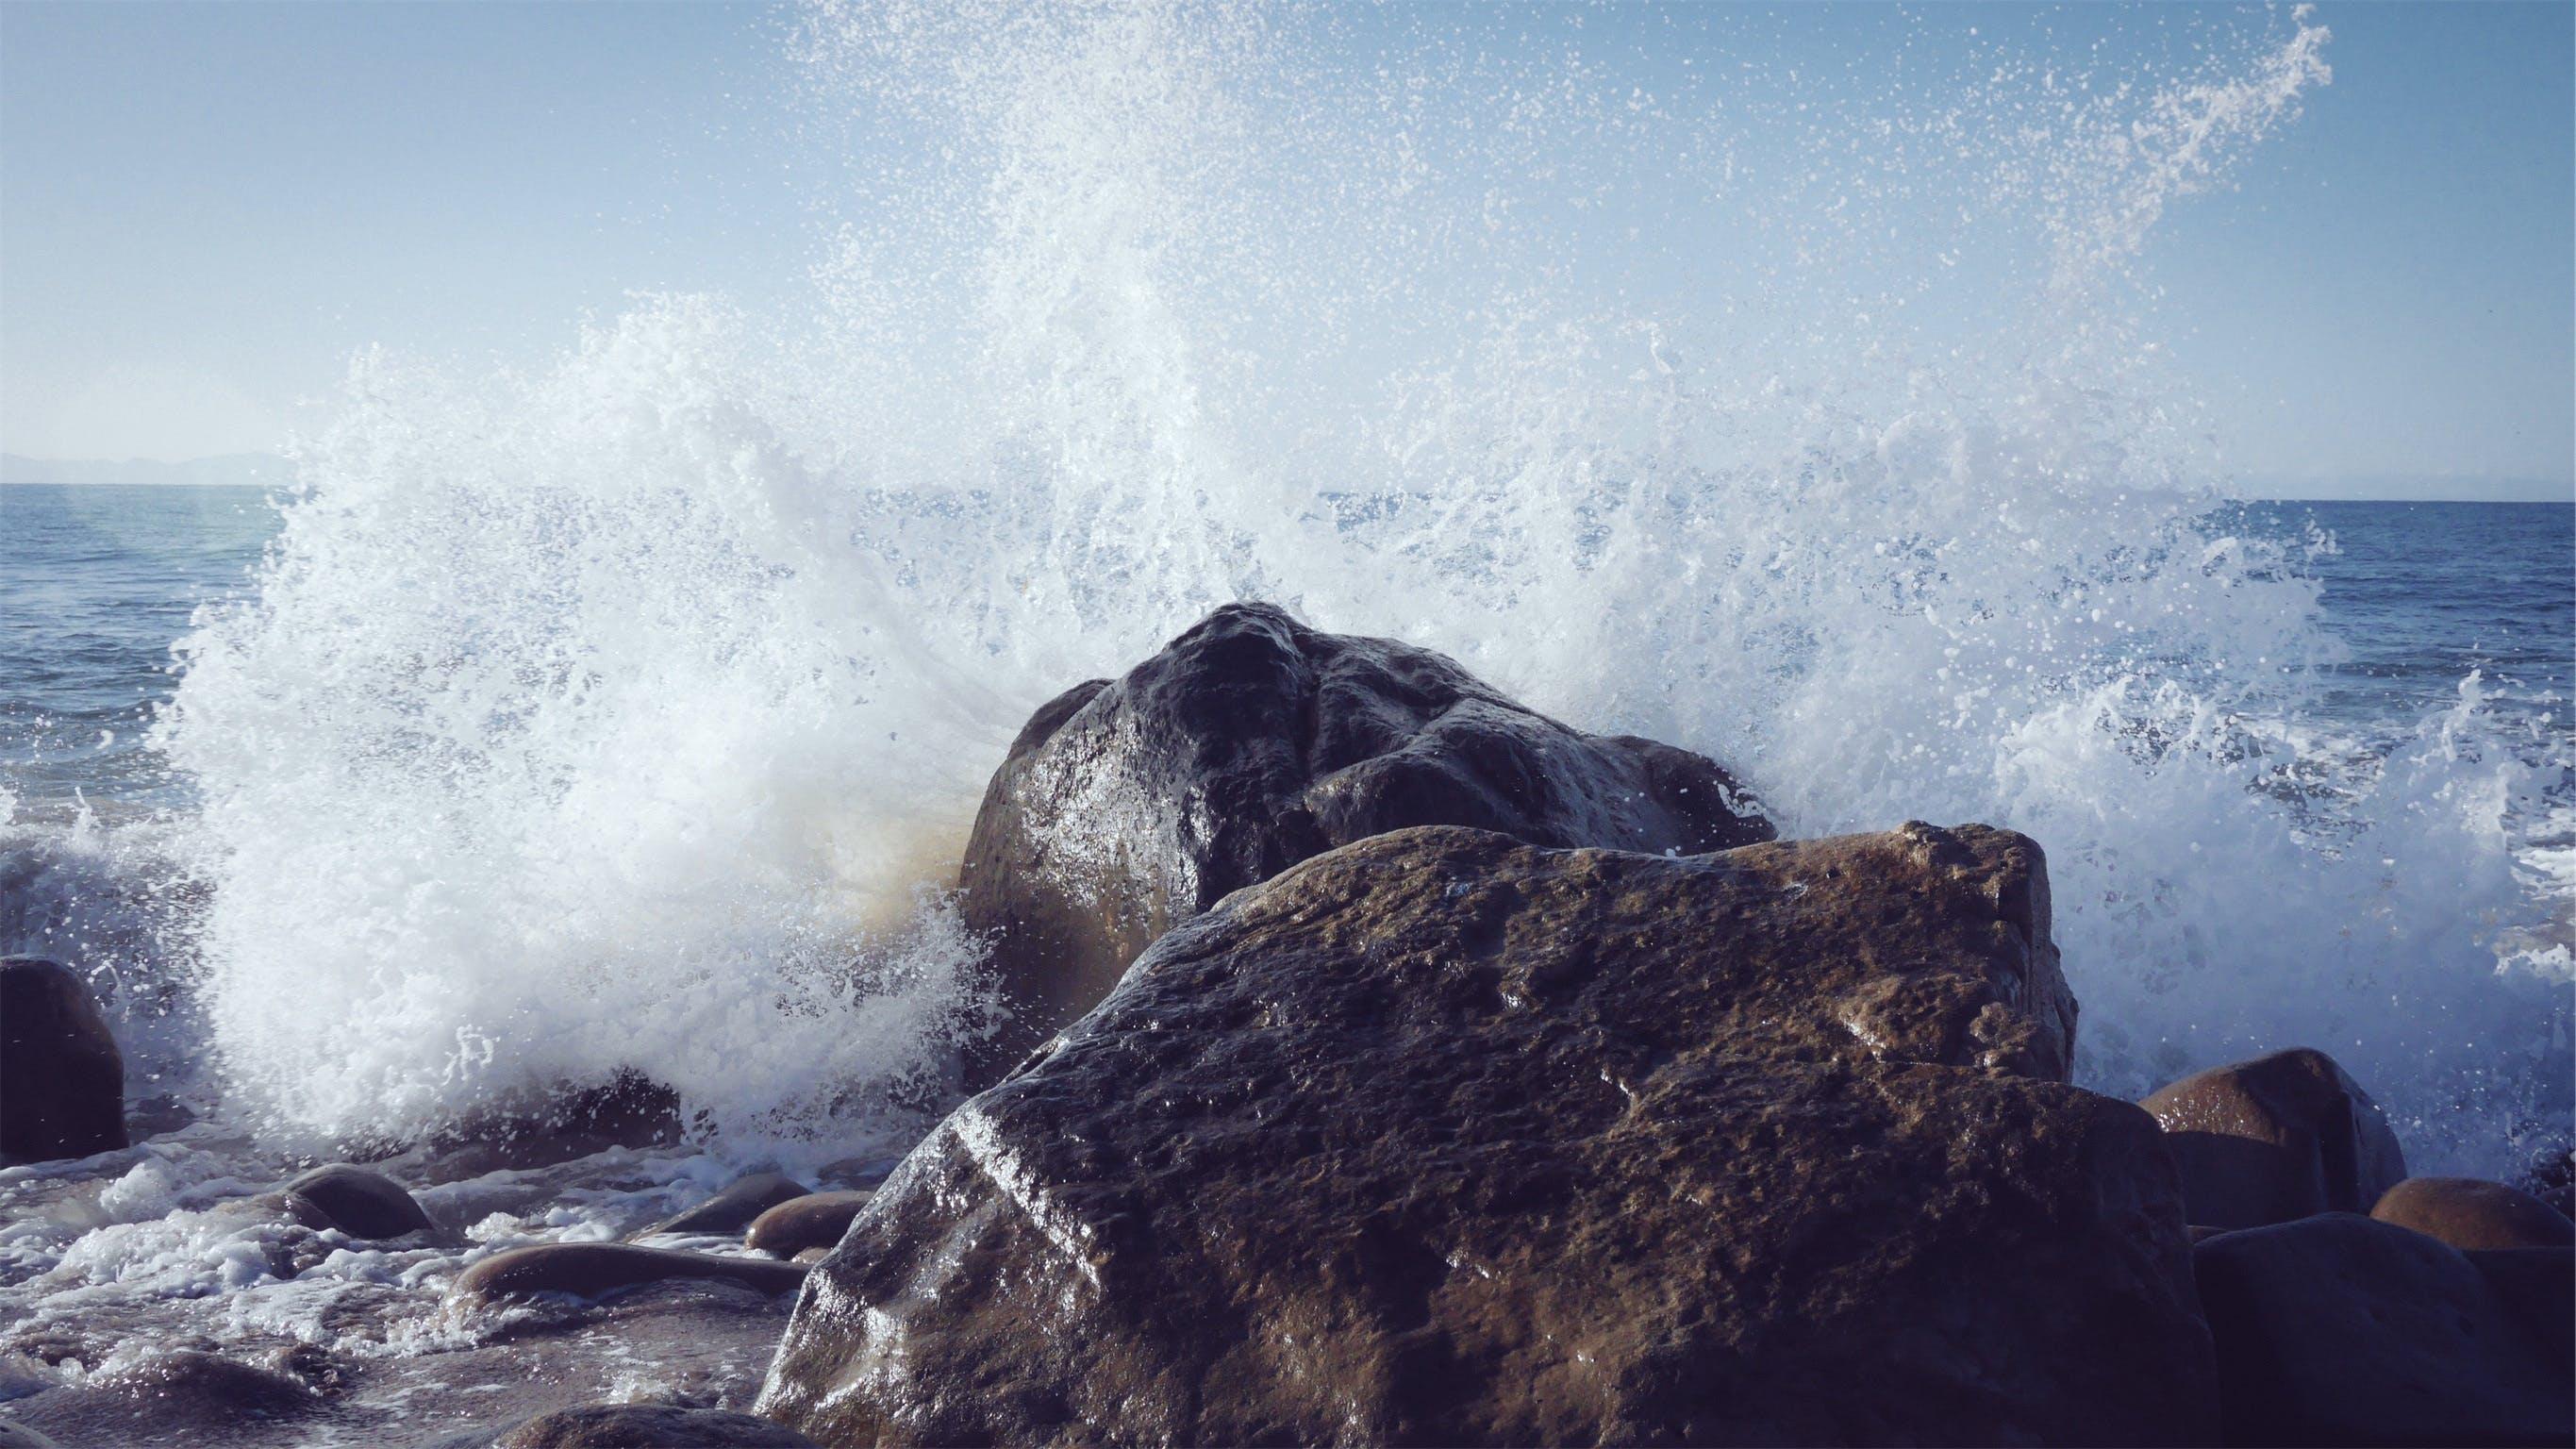 Gratis lagerfoto af bølger, hav, havudsigt, klippefyldt kyst